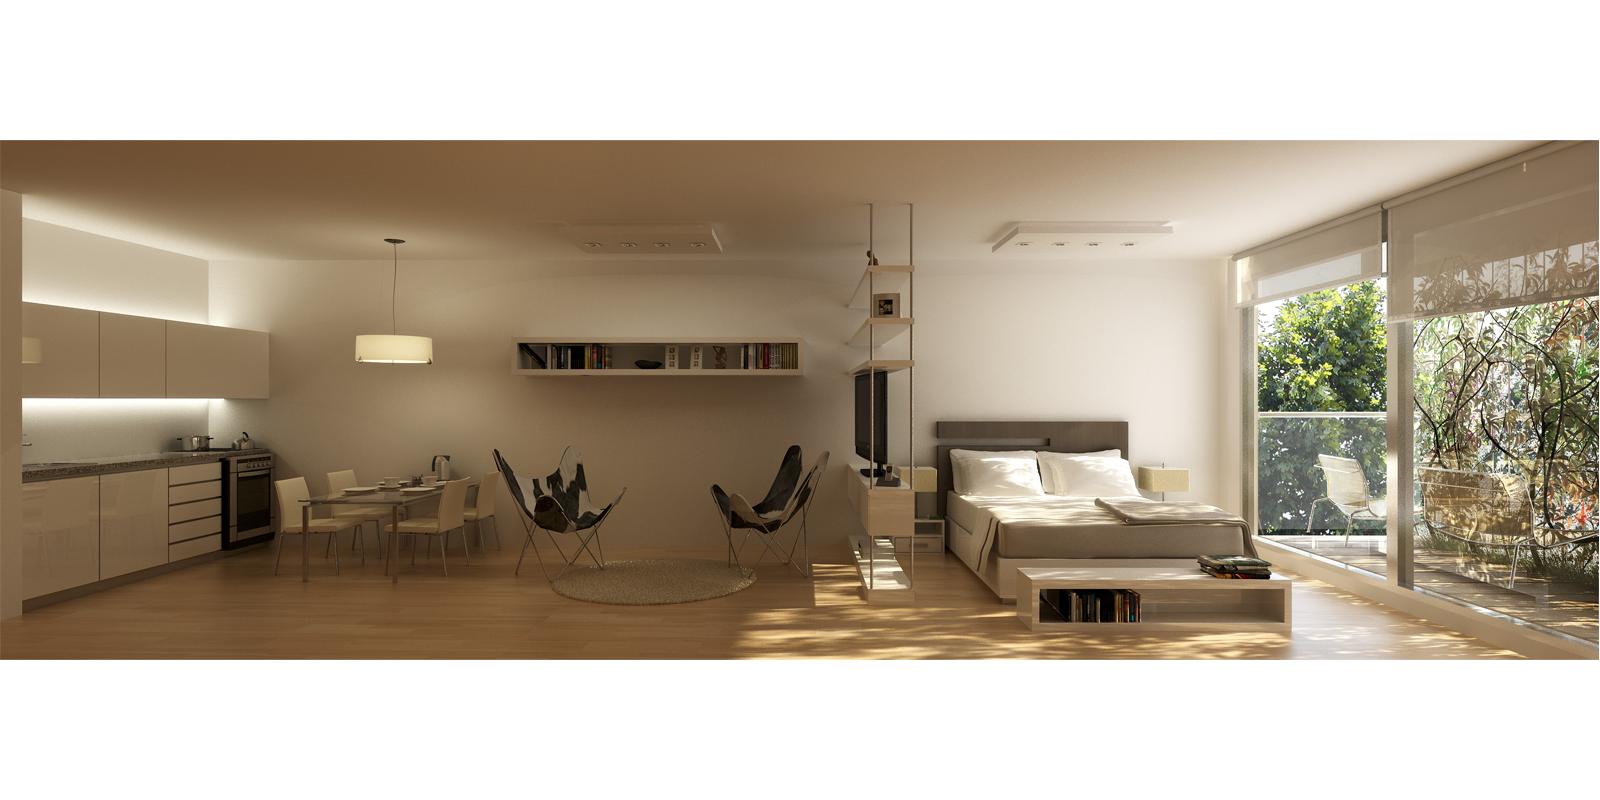 ProyectoC_Arquitectos_Portfolio_05_Amenabar